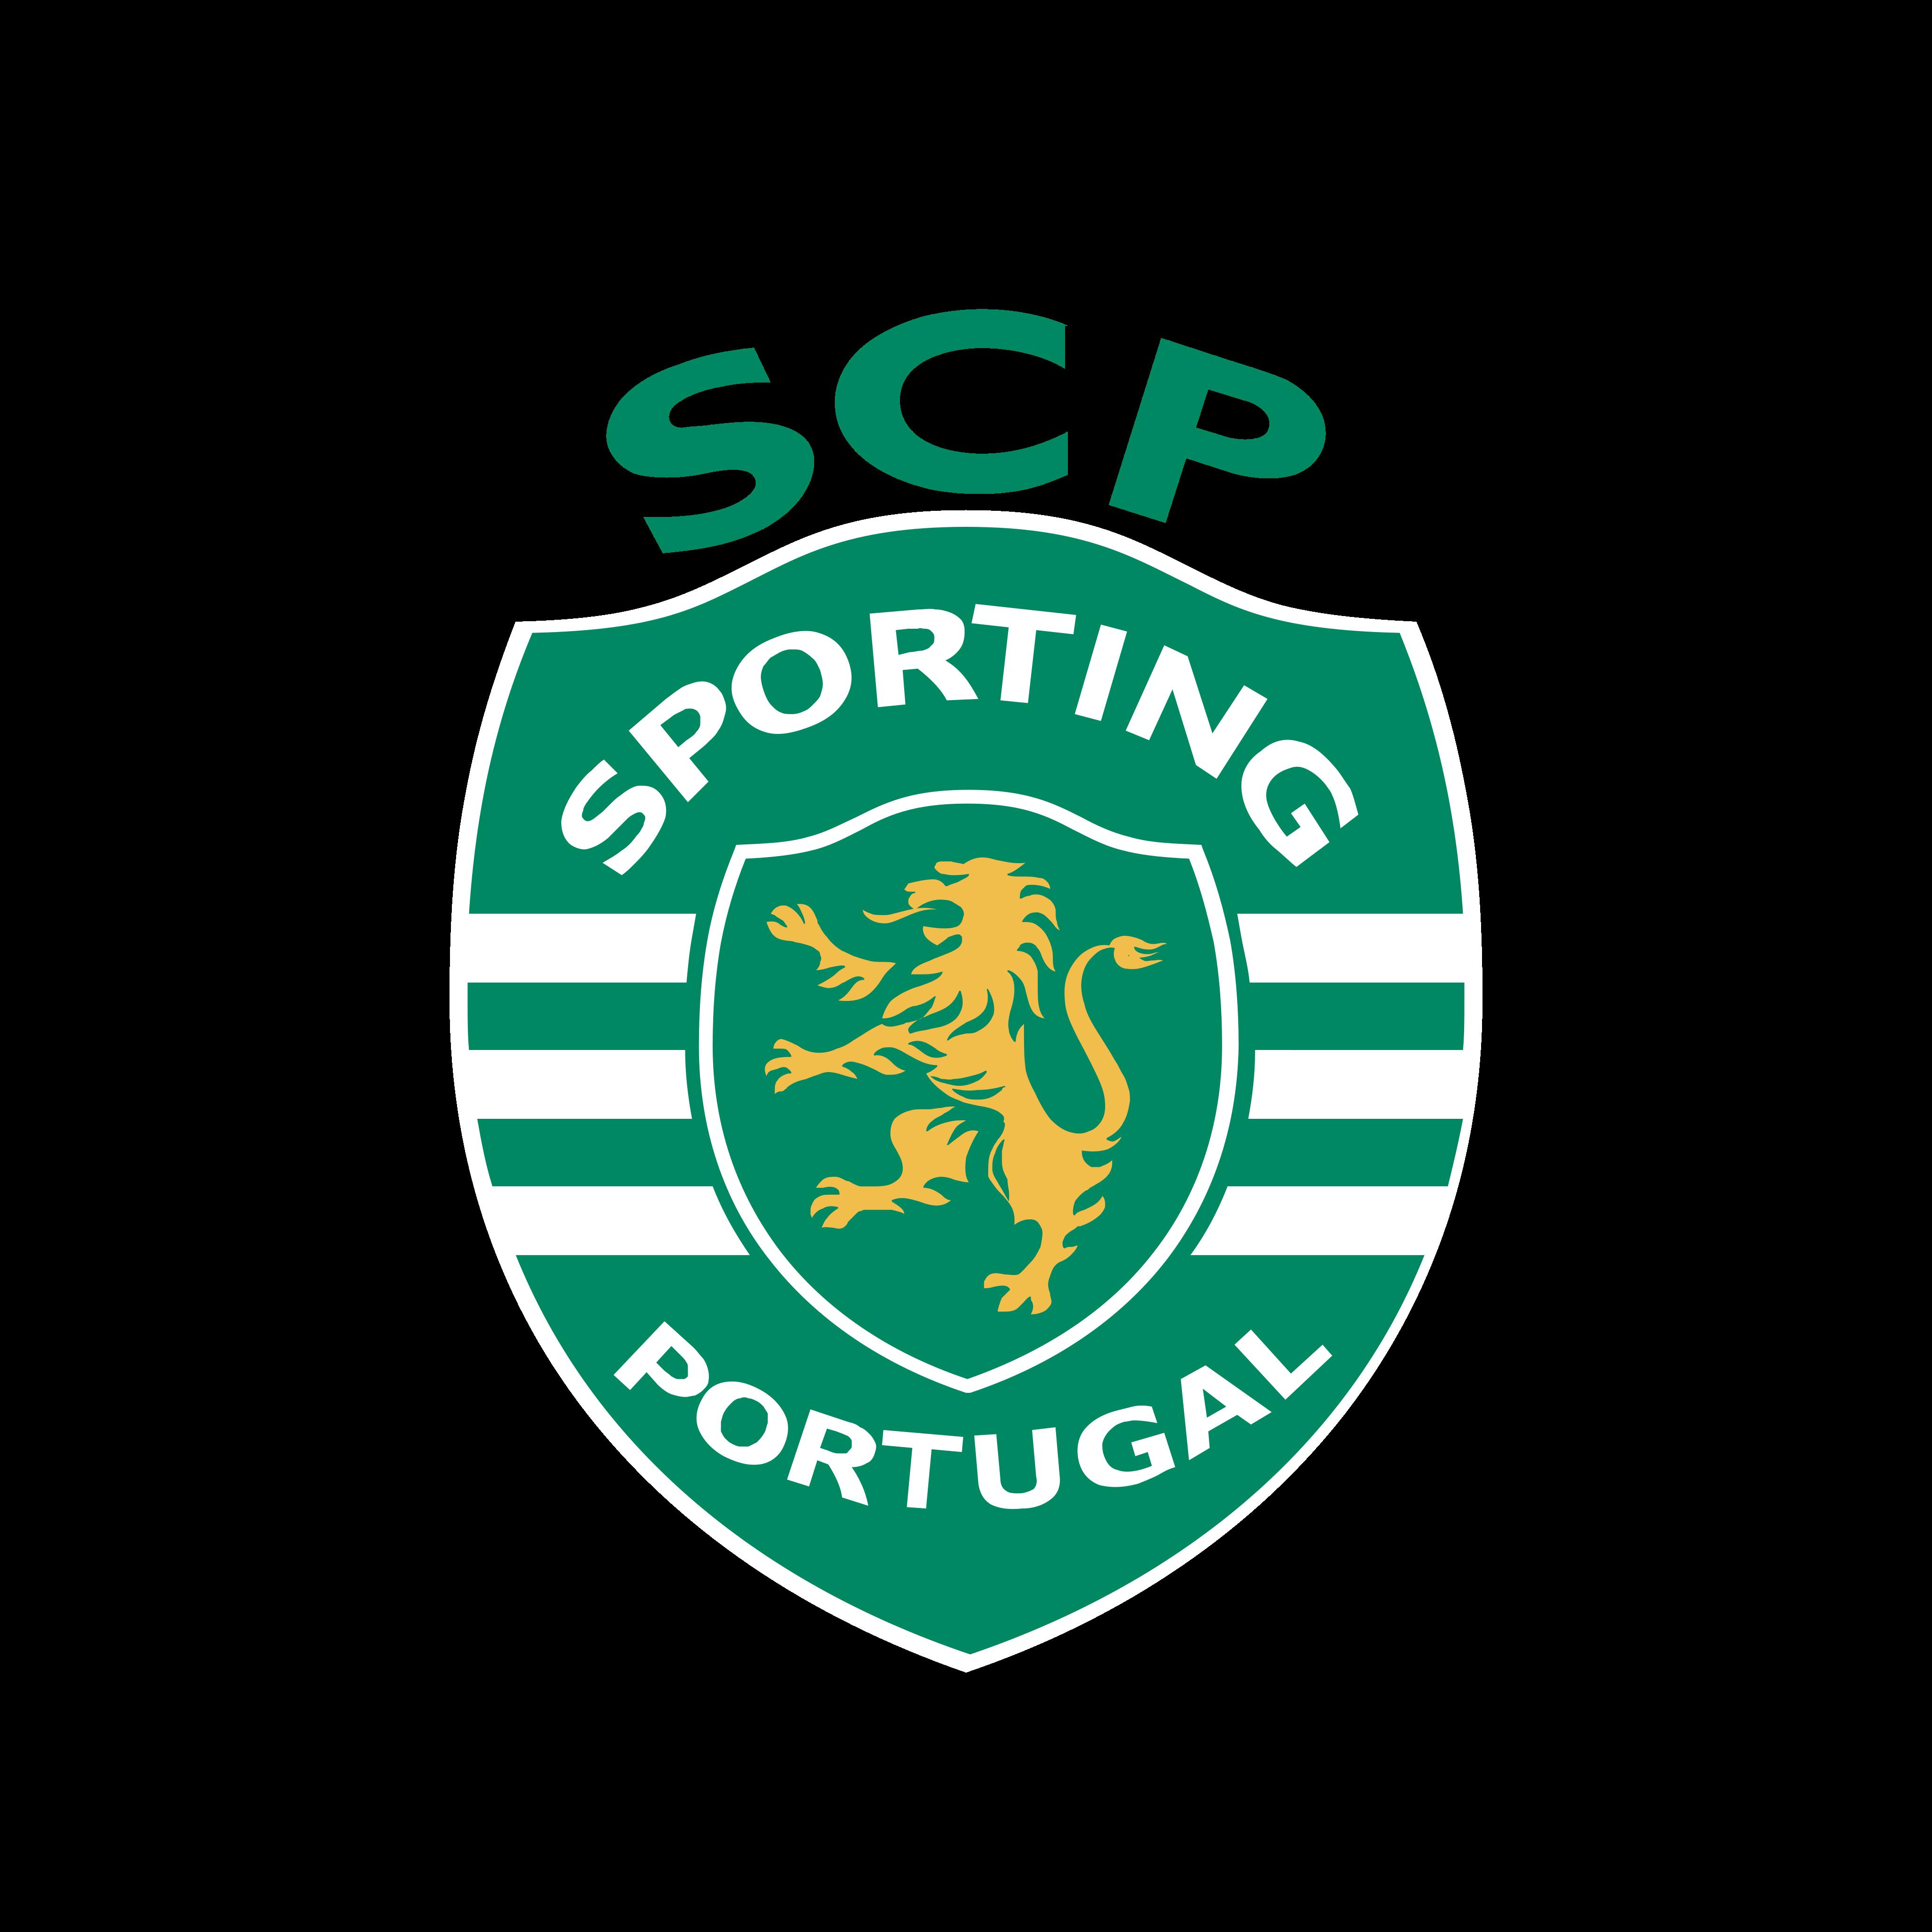 sporting clube de portugal logo escudo 0 - Sporting Logo - Sporting Clube de Portugal Escudo